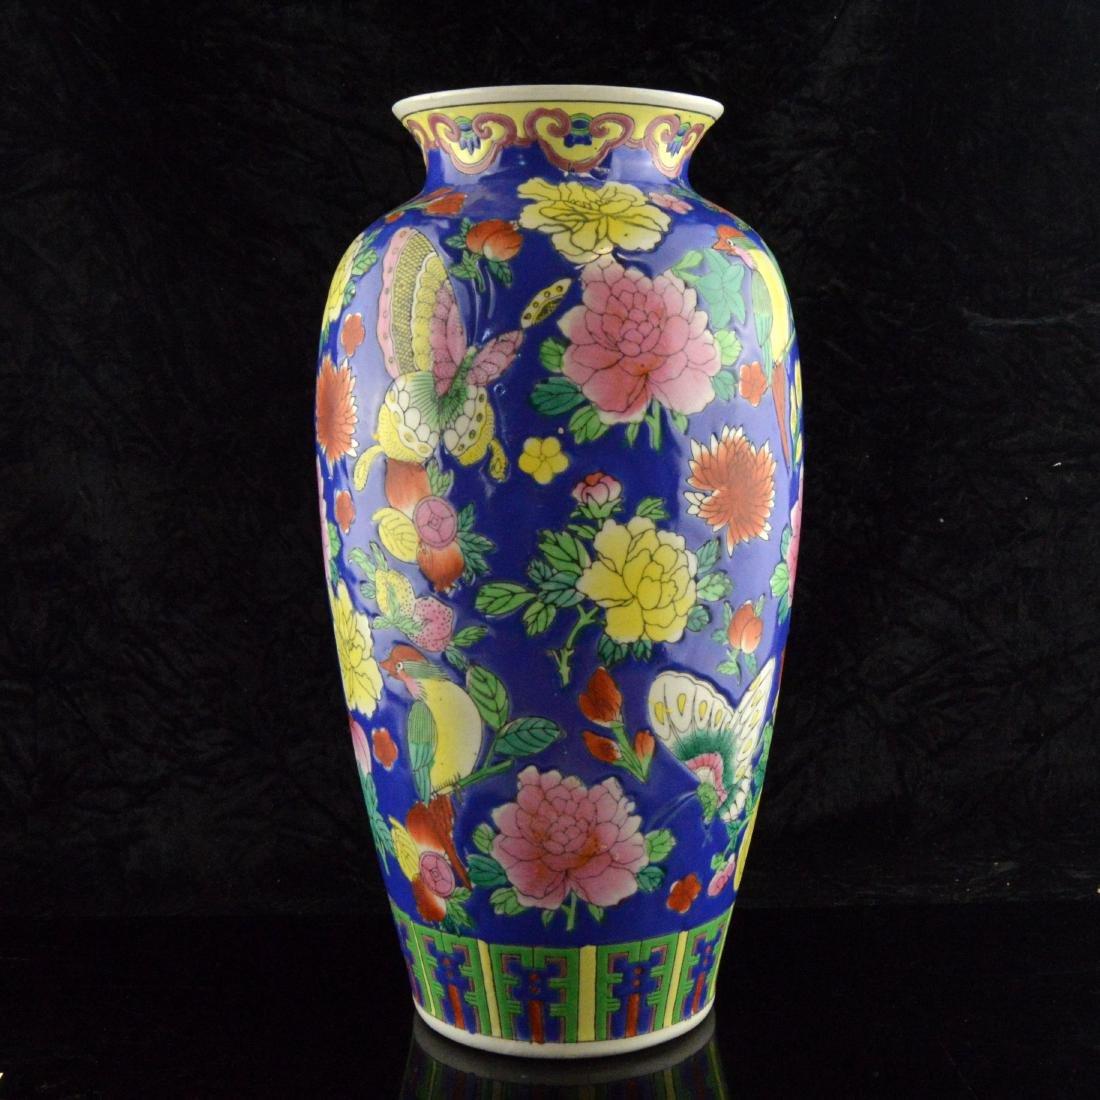 Fencai Porcelain Floral Vase - 3